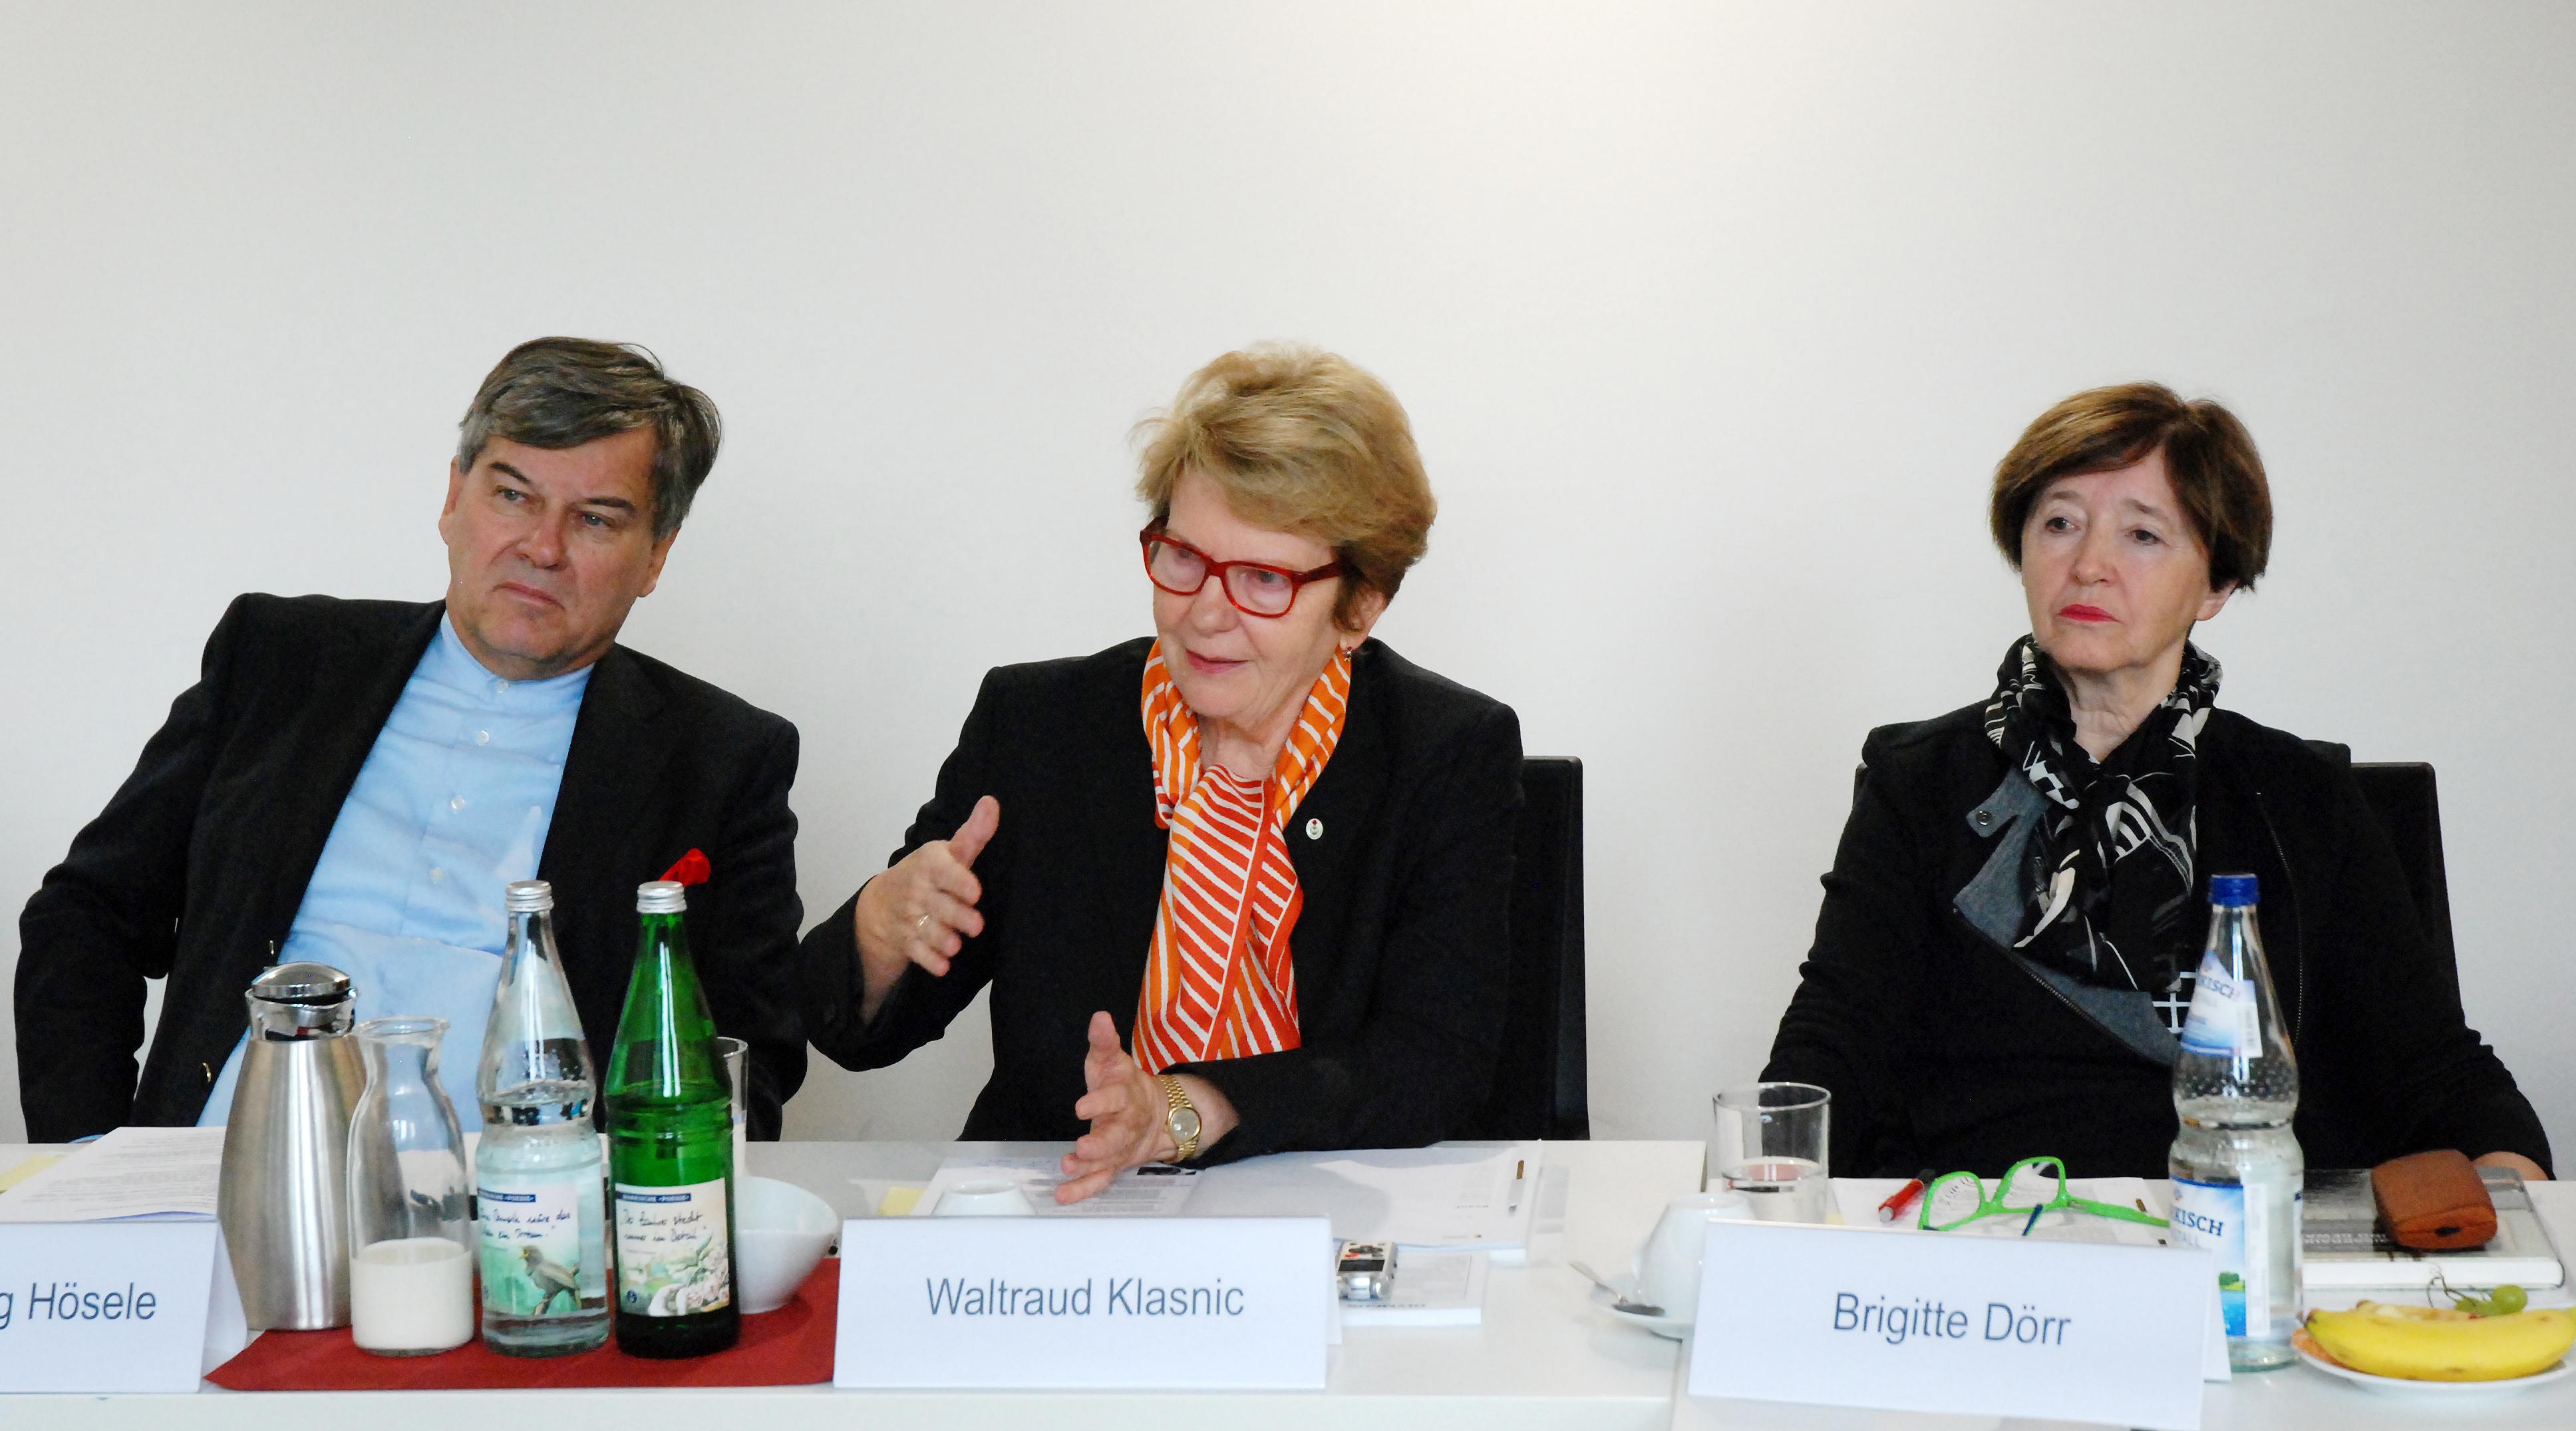 von links nach rechts: Prof. Herwig Hösele, Waltraud Klasnic, Brigitte Dörr